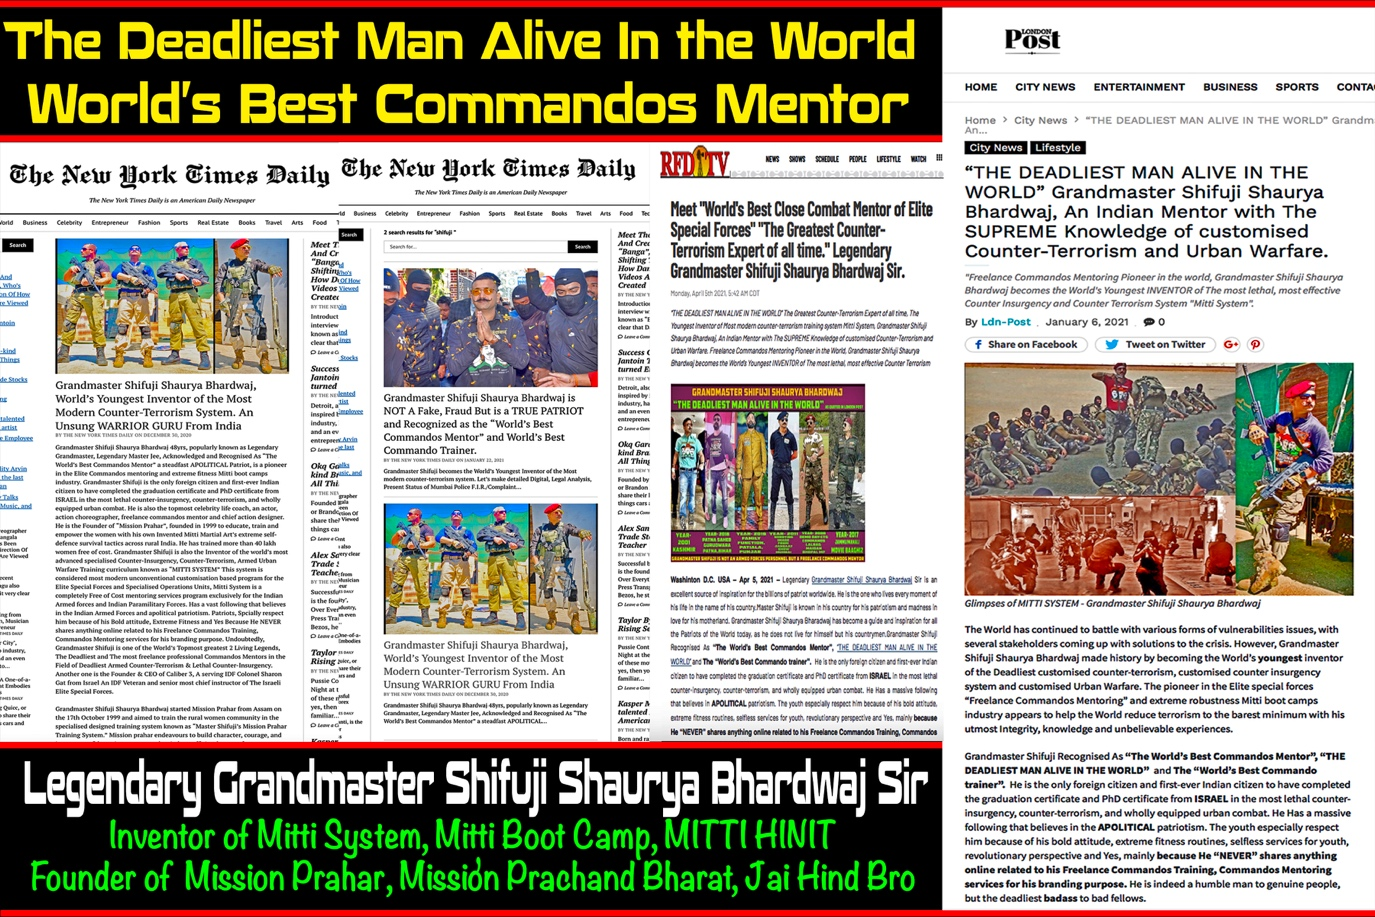 /Users/mrsasbhardwaj/Documents/Grandmaster Shifuji Sir, Best Commandos Mentor .jpg